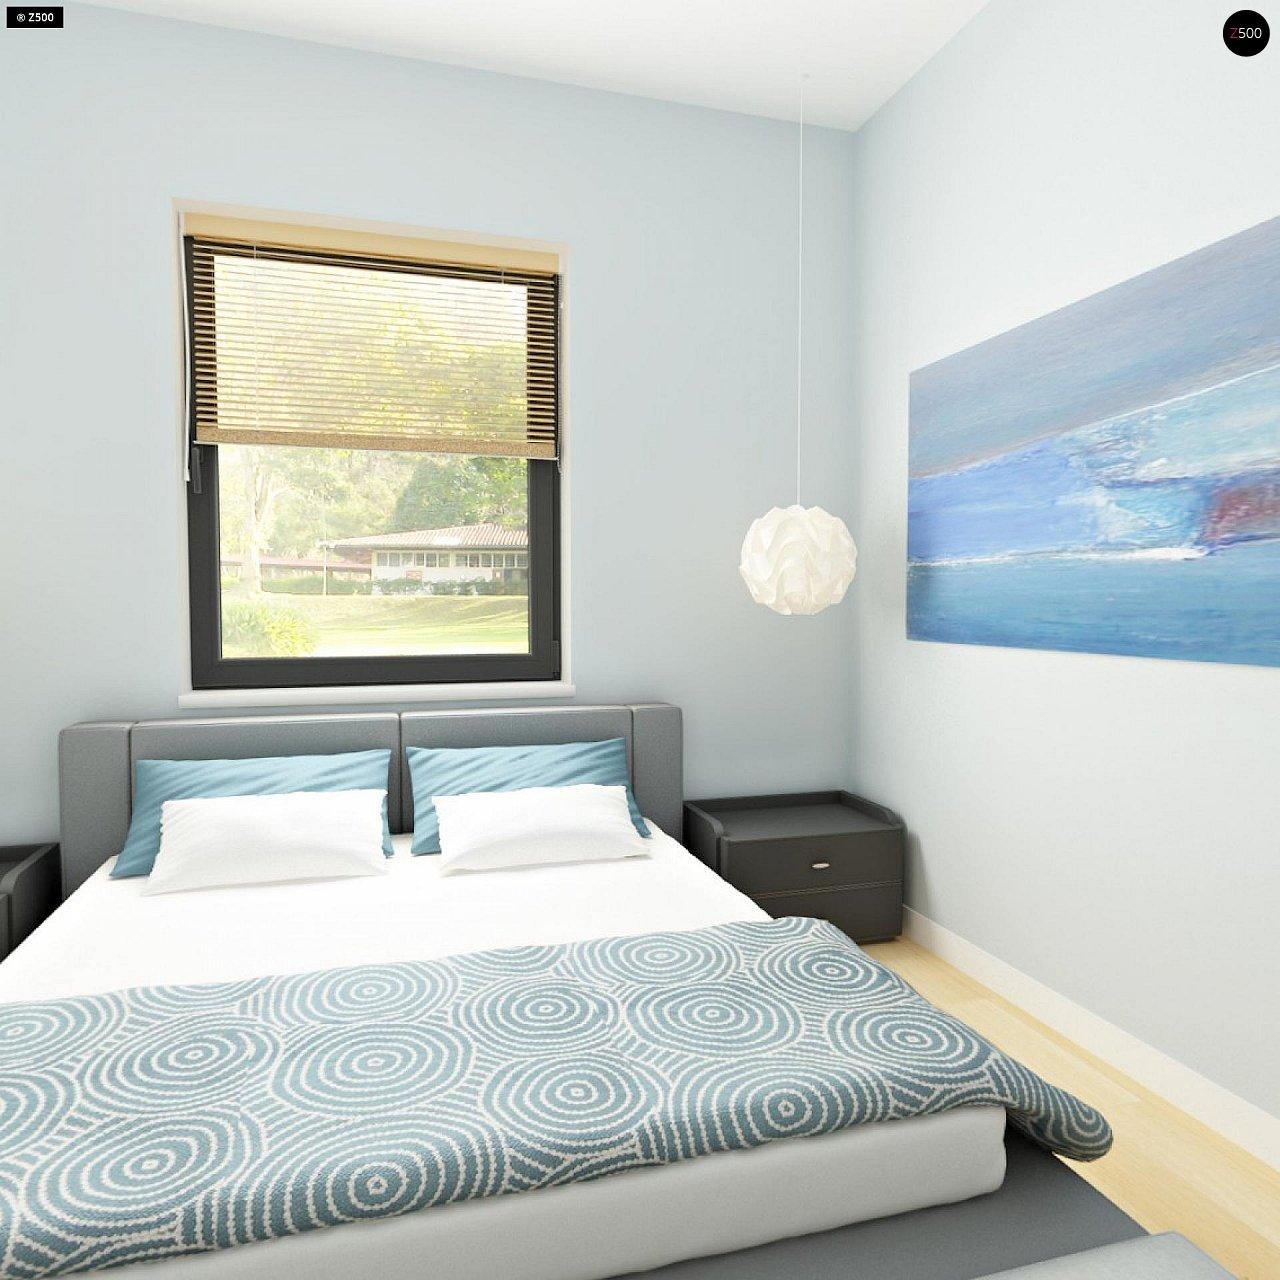 Практичный одноэтажный дом с 4-х скатной кровлей и угловым окном в кухне. 16